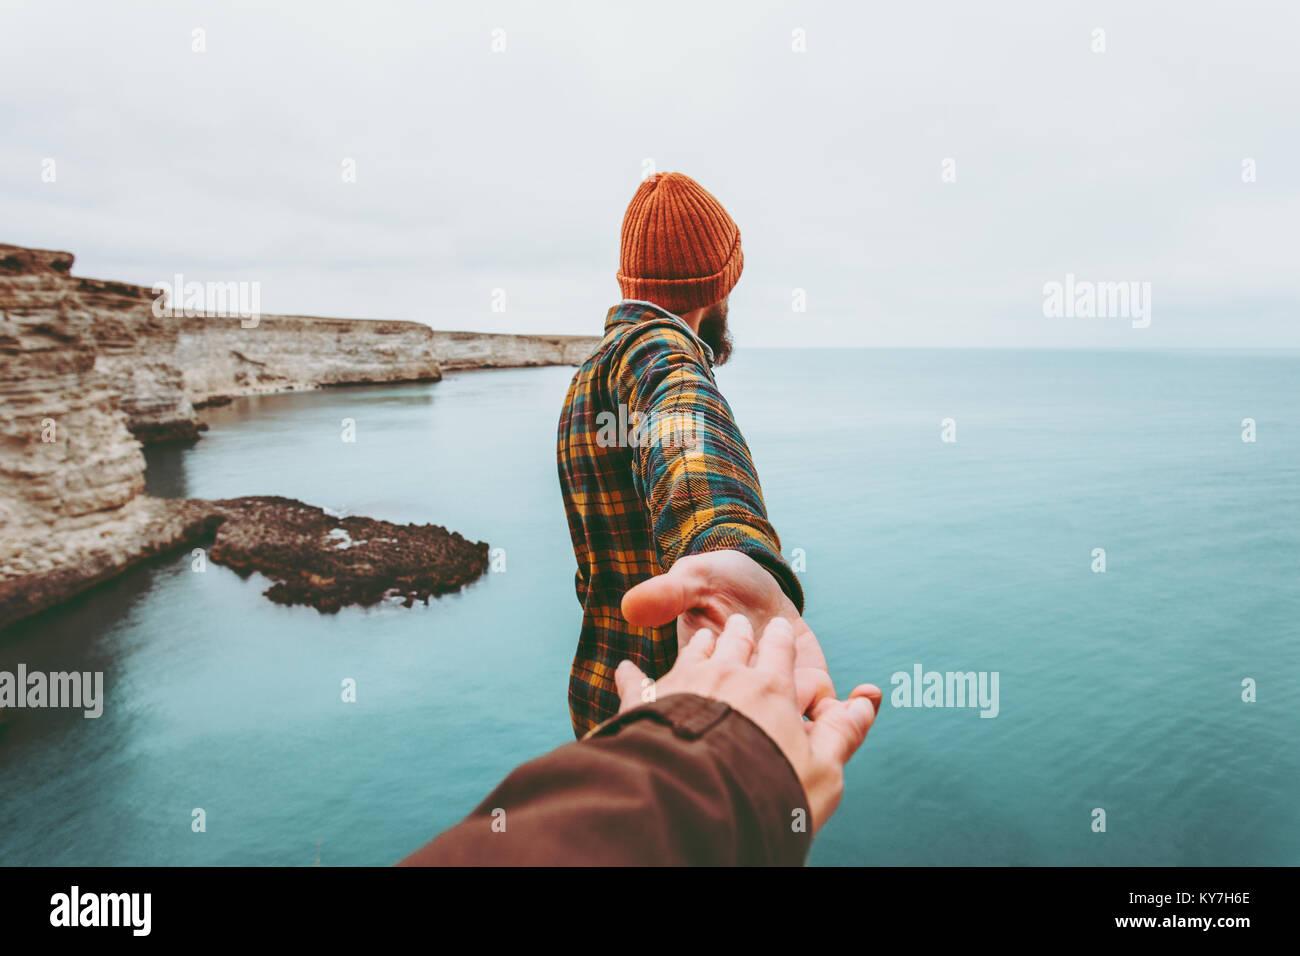 Casal homem e mulher de mãos dadas seguir desfrutando de mar frio paisagem em pano de fundo o amor e emoções Imagens de Stock